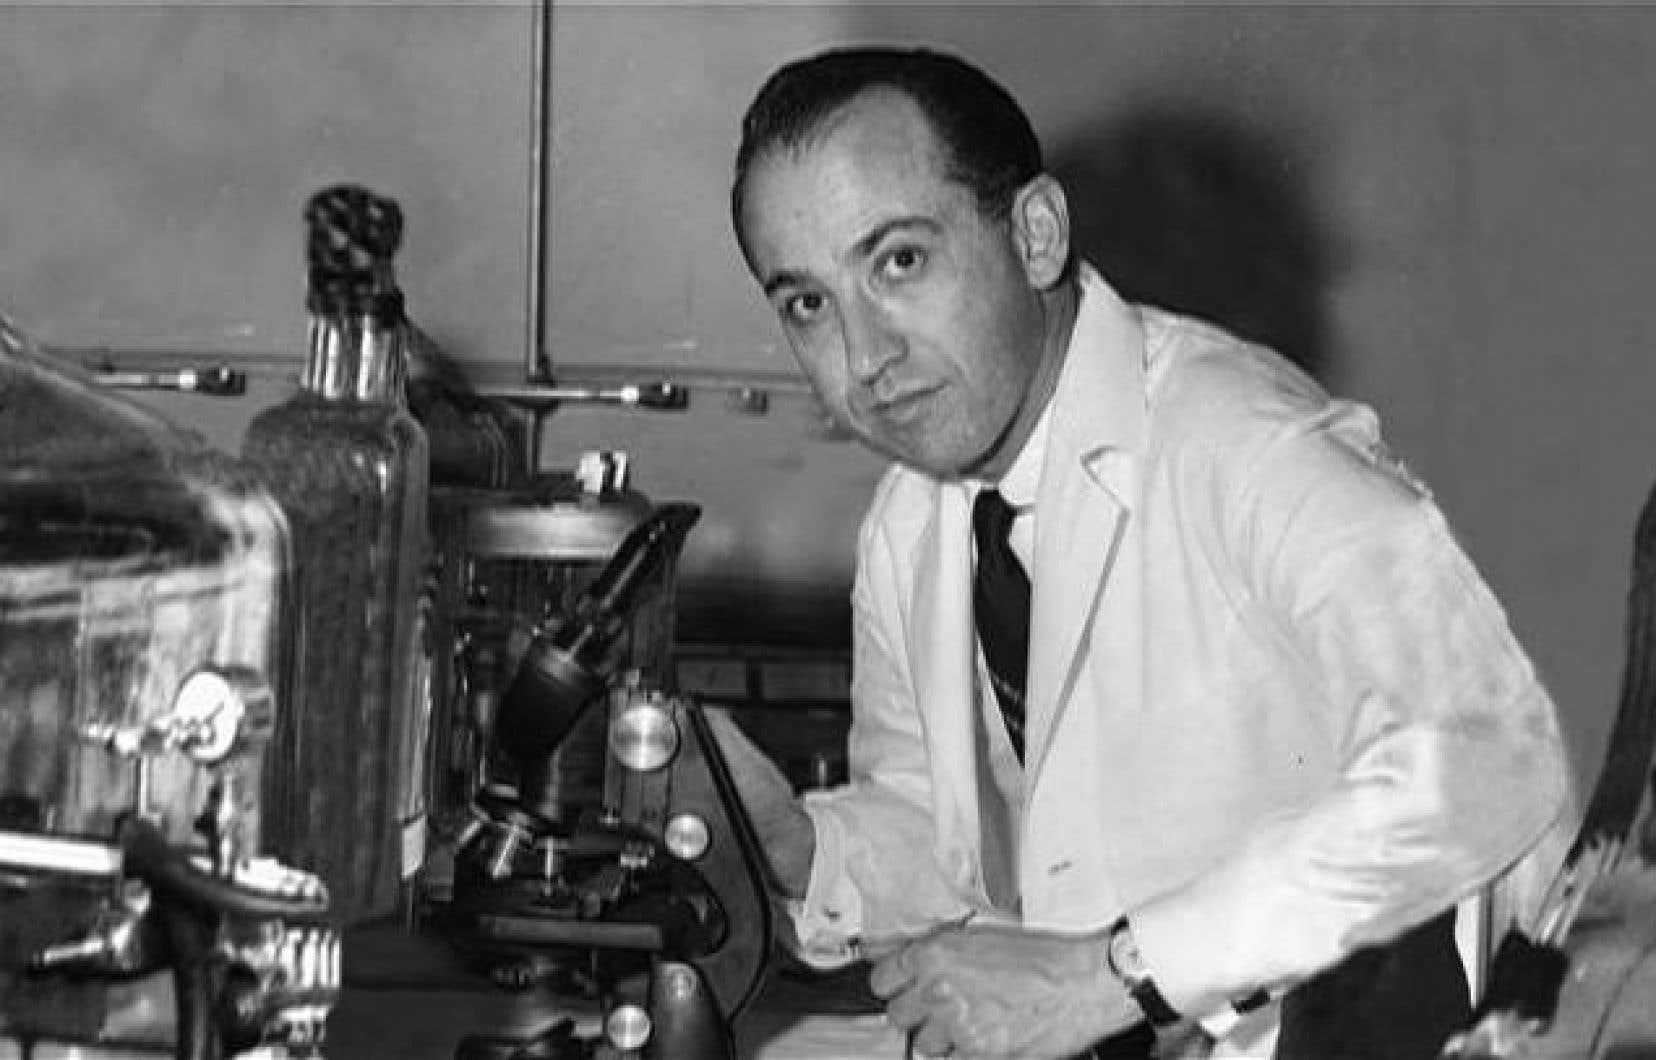 Le jeune chercheur Jonas Salk fait aujourd'hui figure de «héros» aux États-Unis pour avoir découvert le premier vaccin efficace contre la polio.